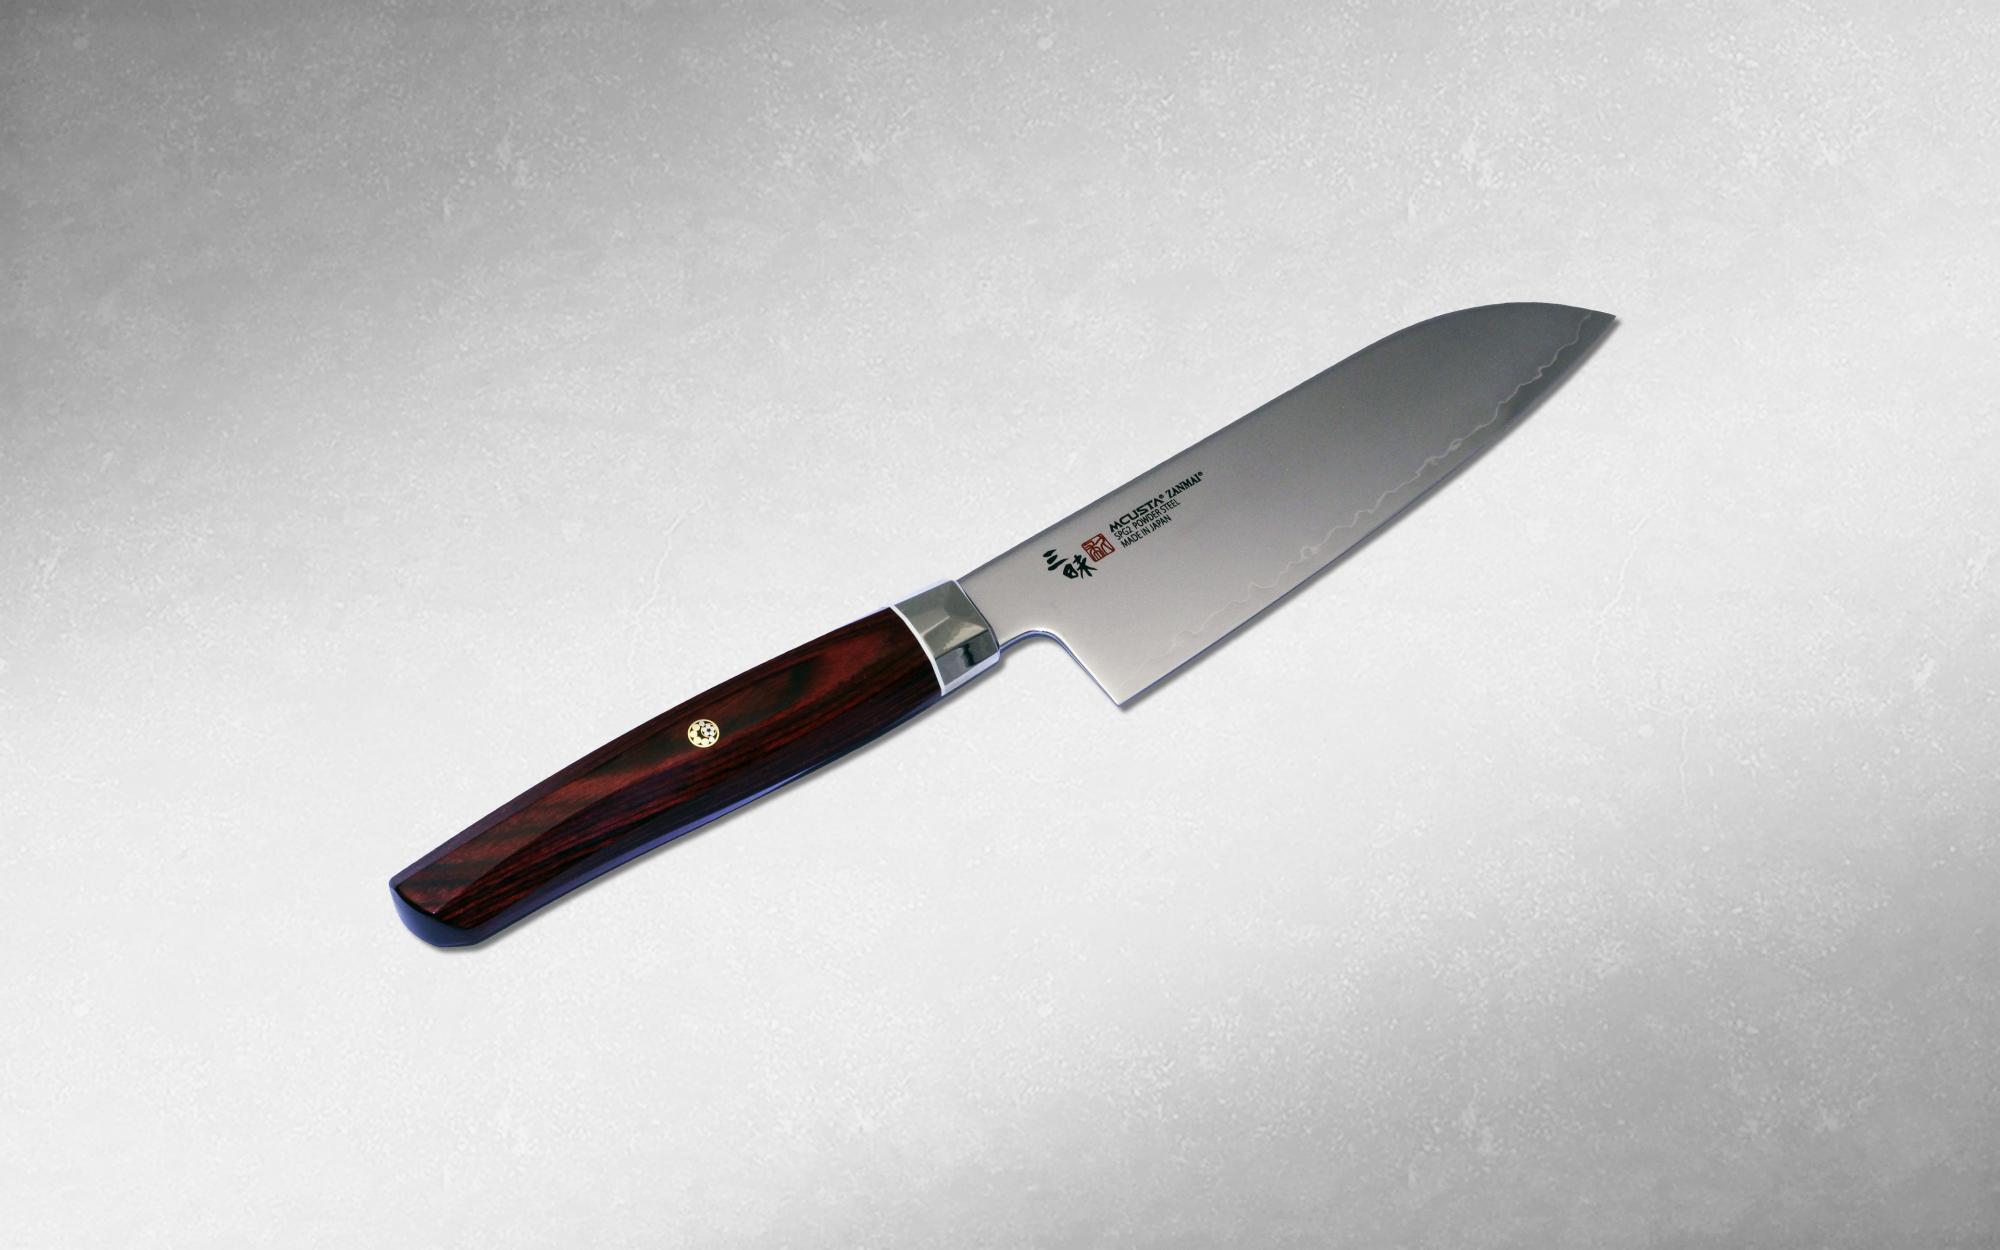 Нож кухонный Сантоку Mcusta Zanmai Revolution 150 мм, Takamura, ZPR-1215G, сталь SPG2, стабилизированная древисина, коричневый